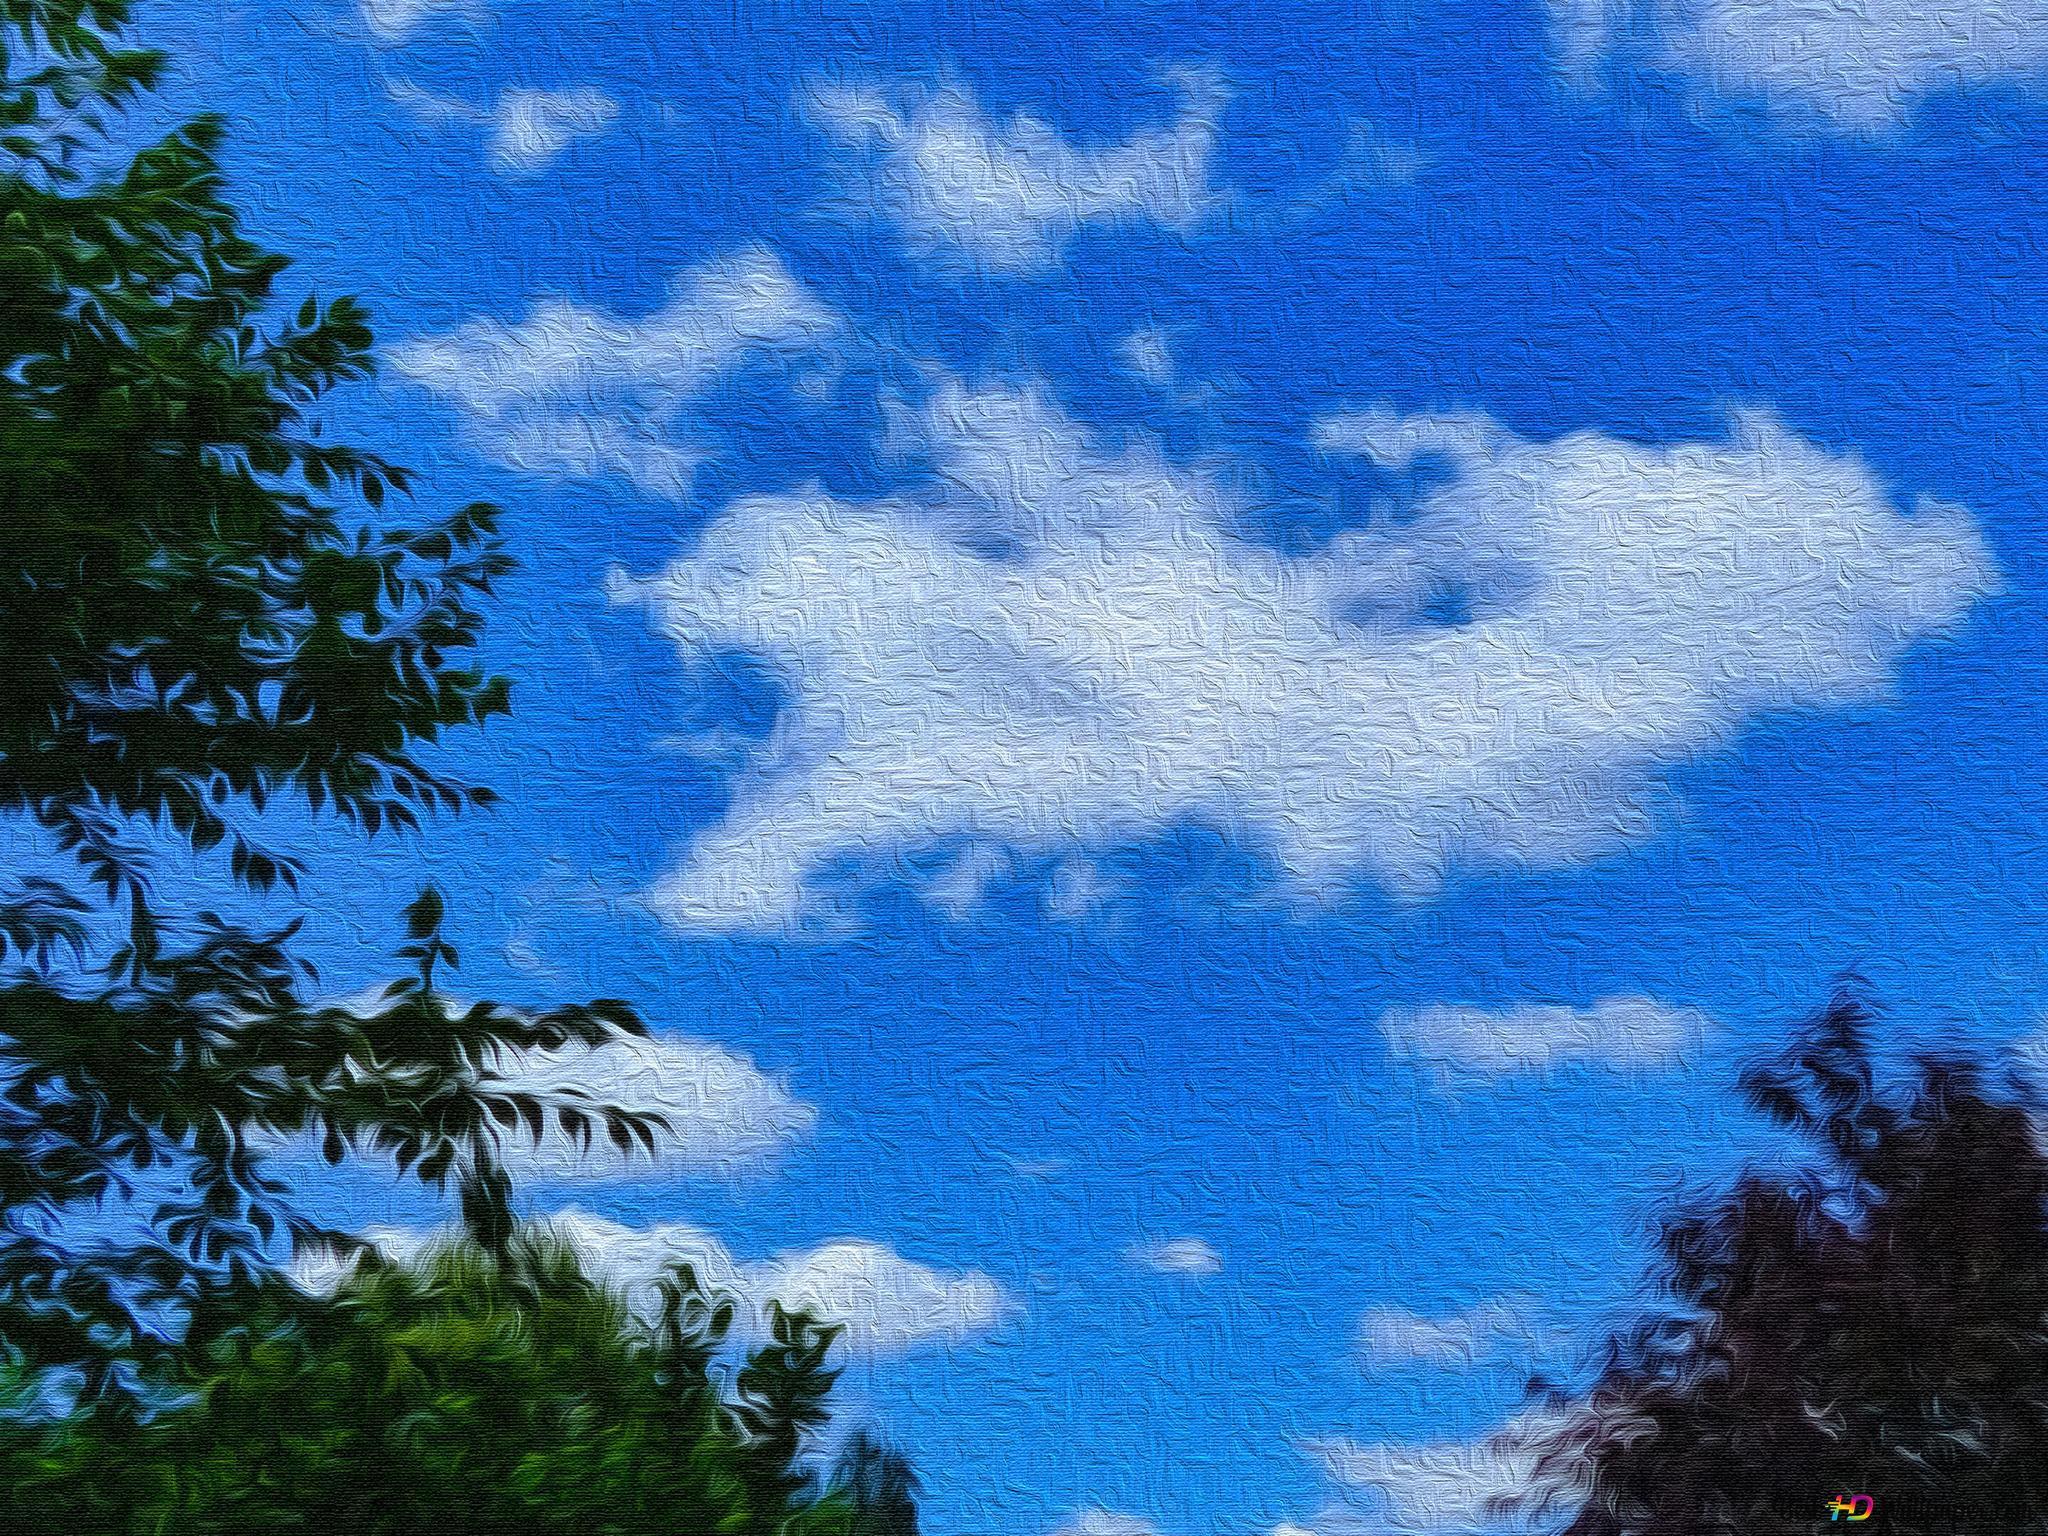 Blue Sky Canvas Hd Wallpaper Download